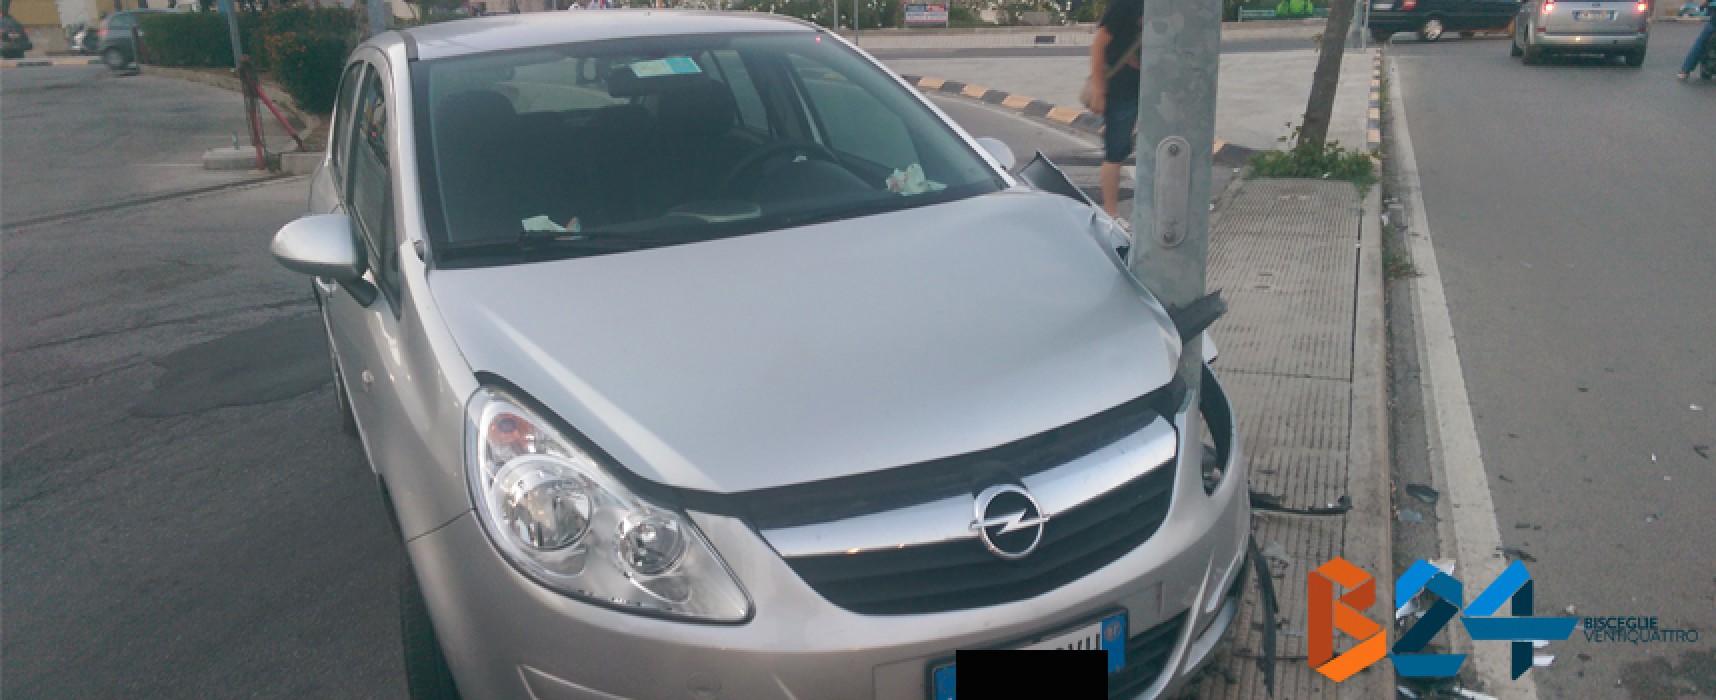 Incidente in via Cadorna, auto contro un palo dell'illuminazione